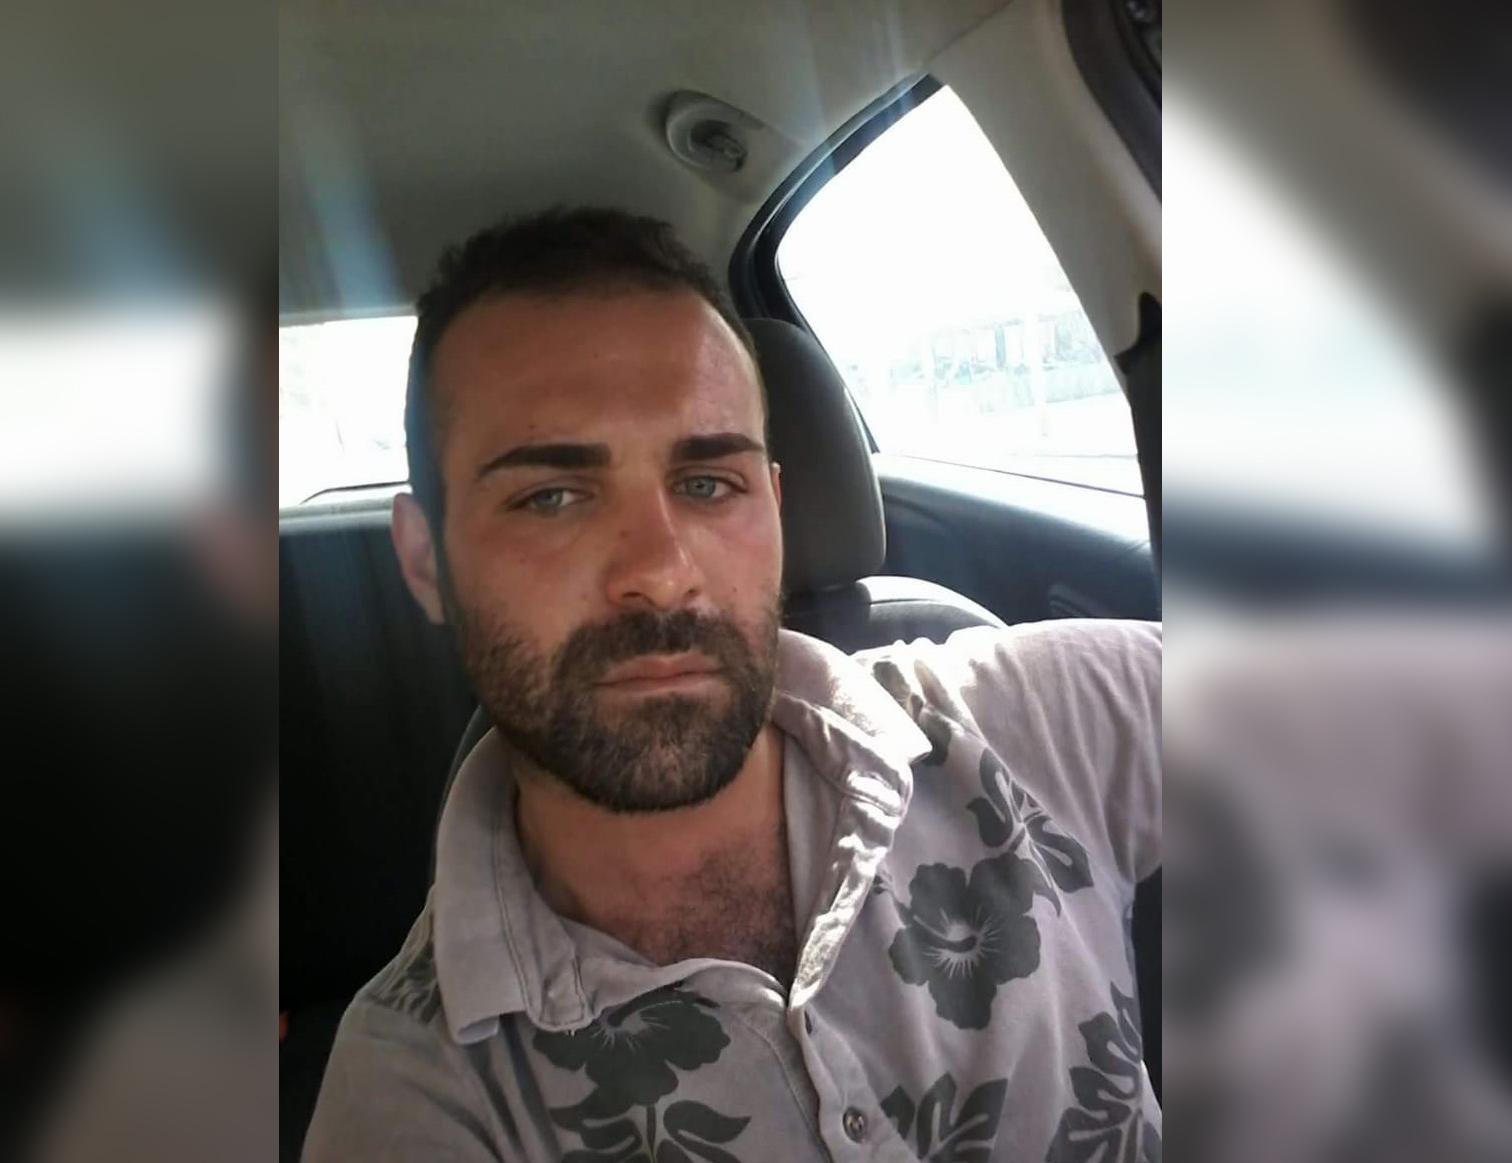 Gravissimo incidente stradale a Rombiolo, muore un giovaneAuto sbatte contro un muro e si ribalta sbalzando fuori il conducente